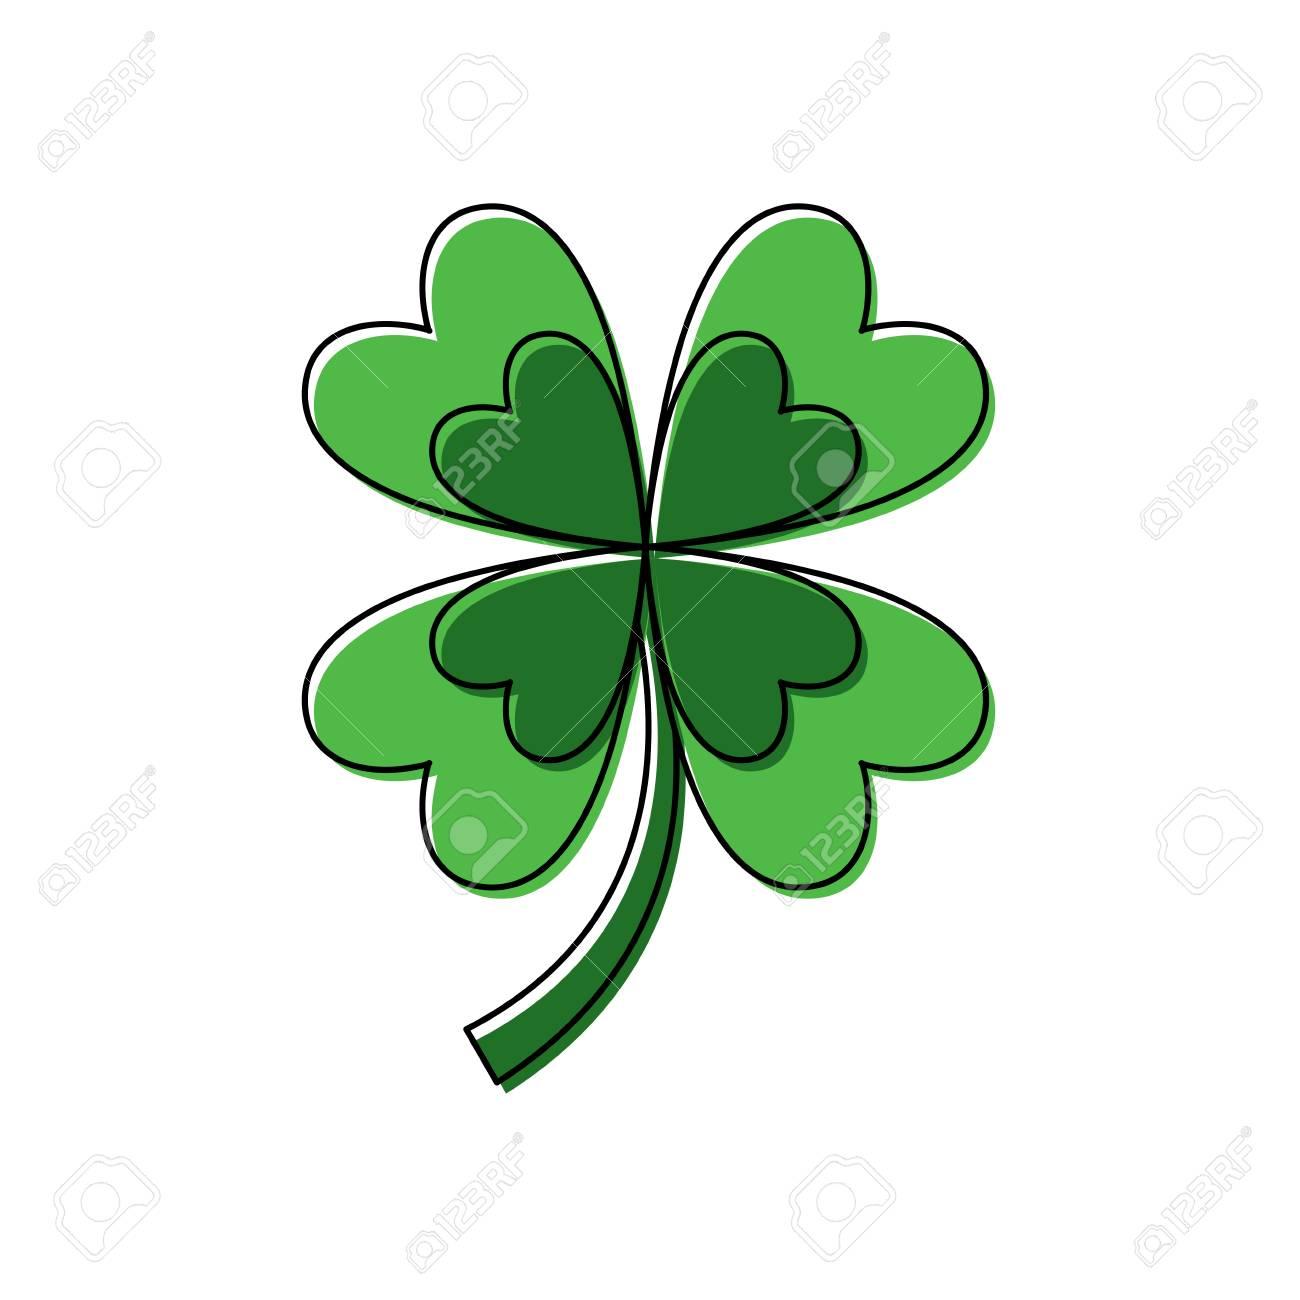 four leaf clover good luck symbol vector illustration - 95714780